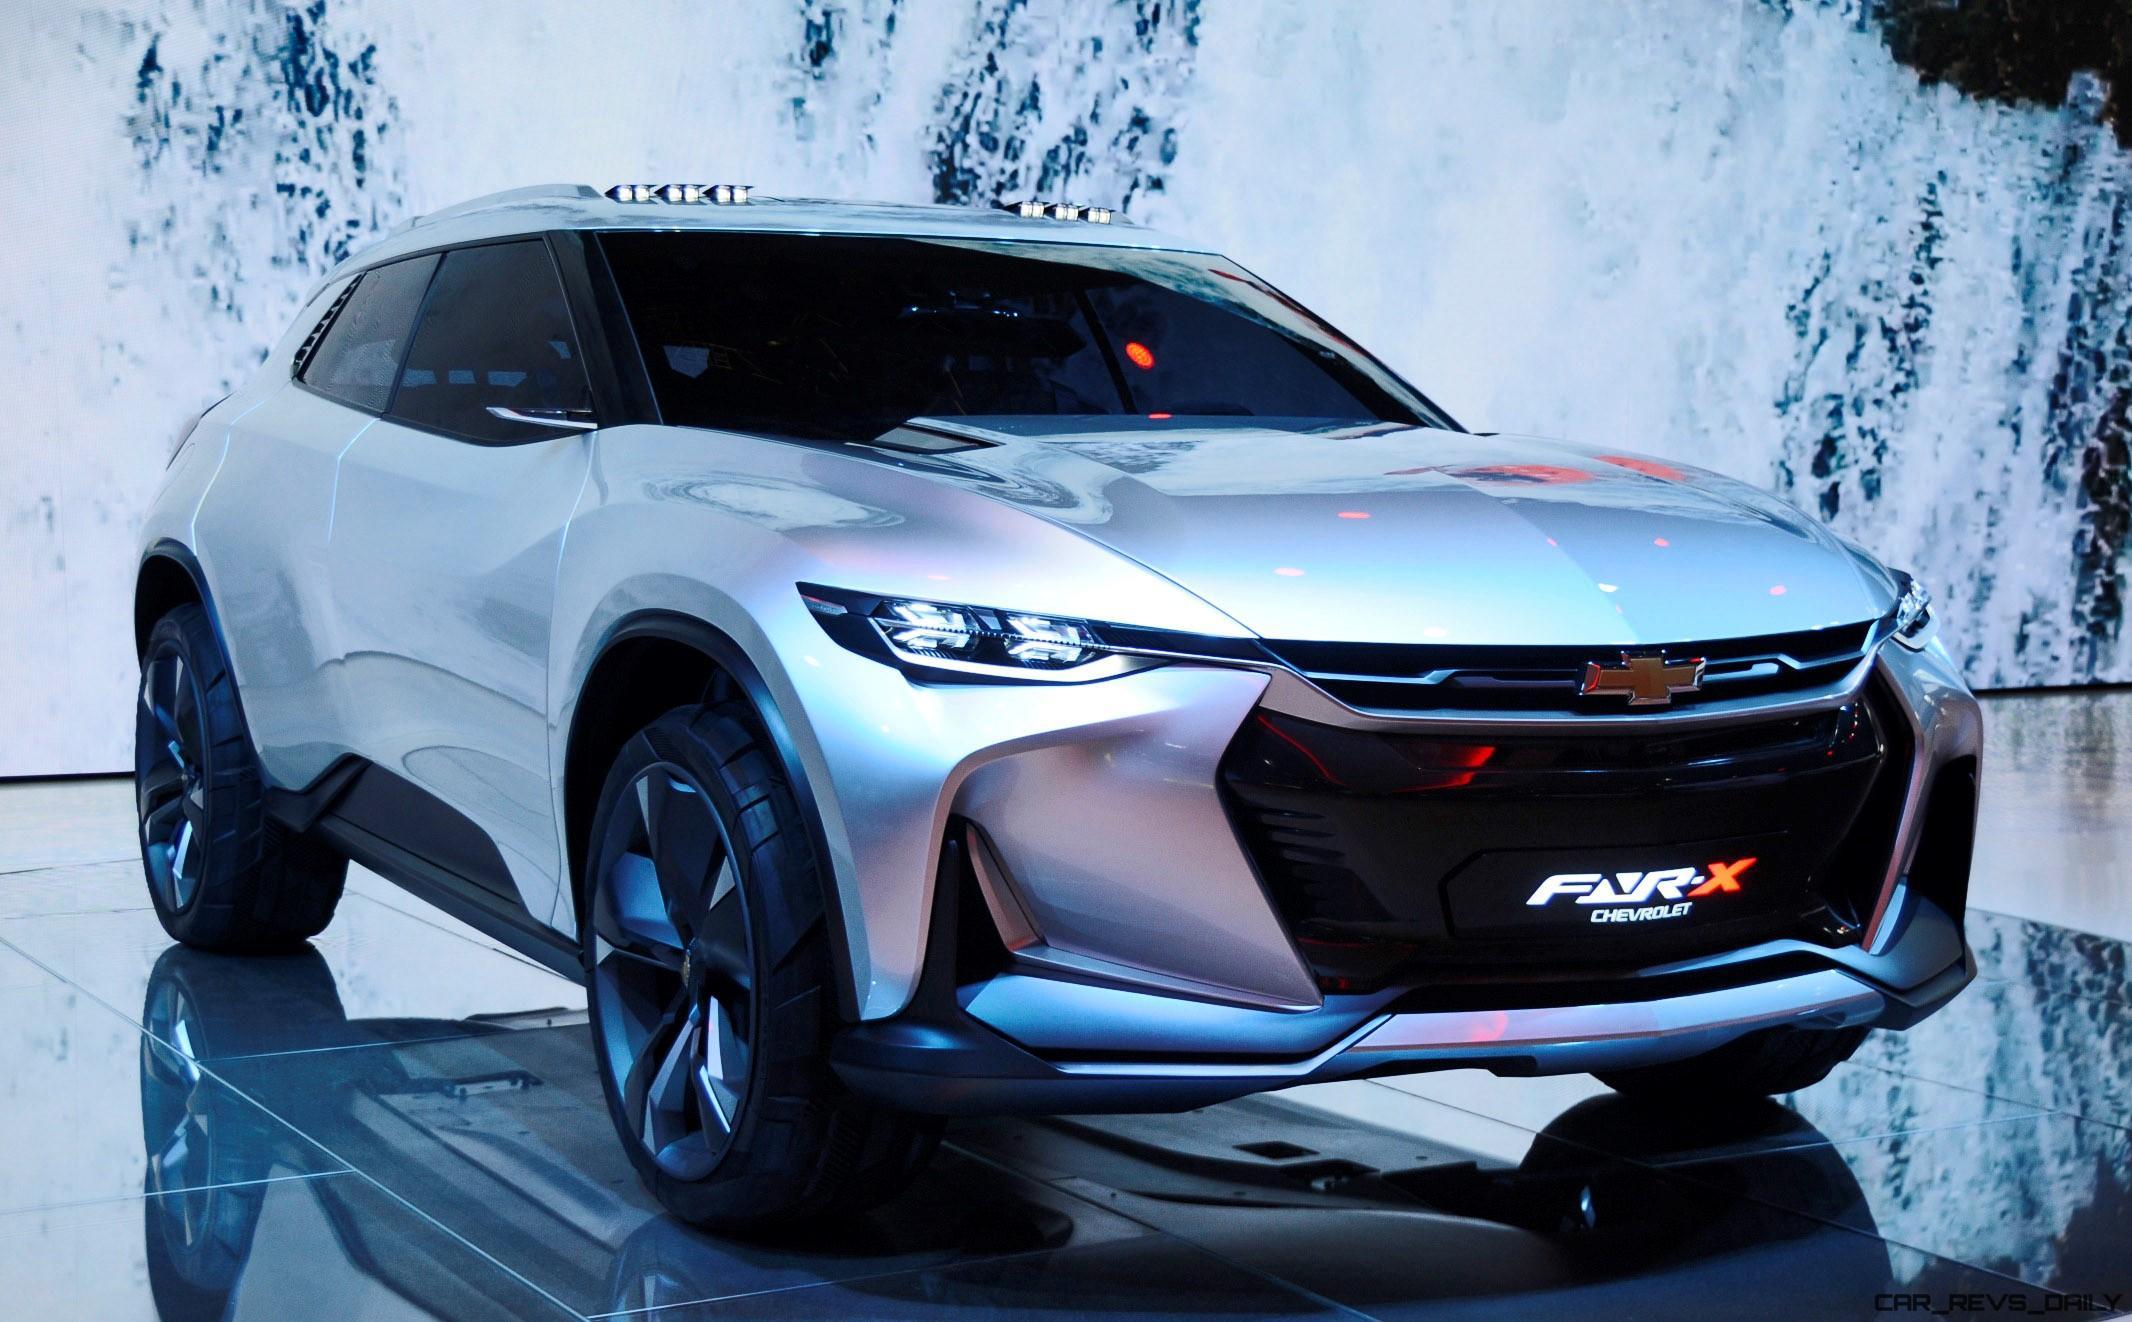 2017 Chevrolet FNR-X Concept [18 Photos